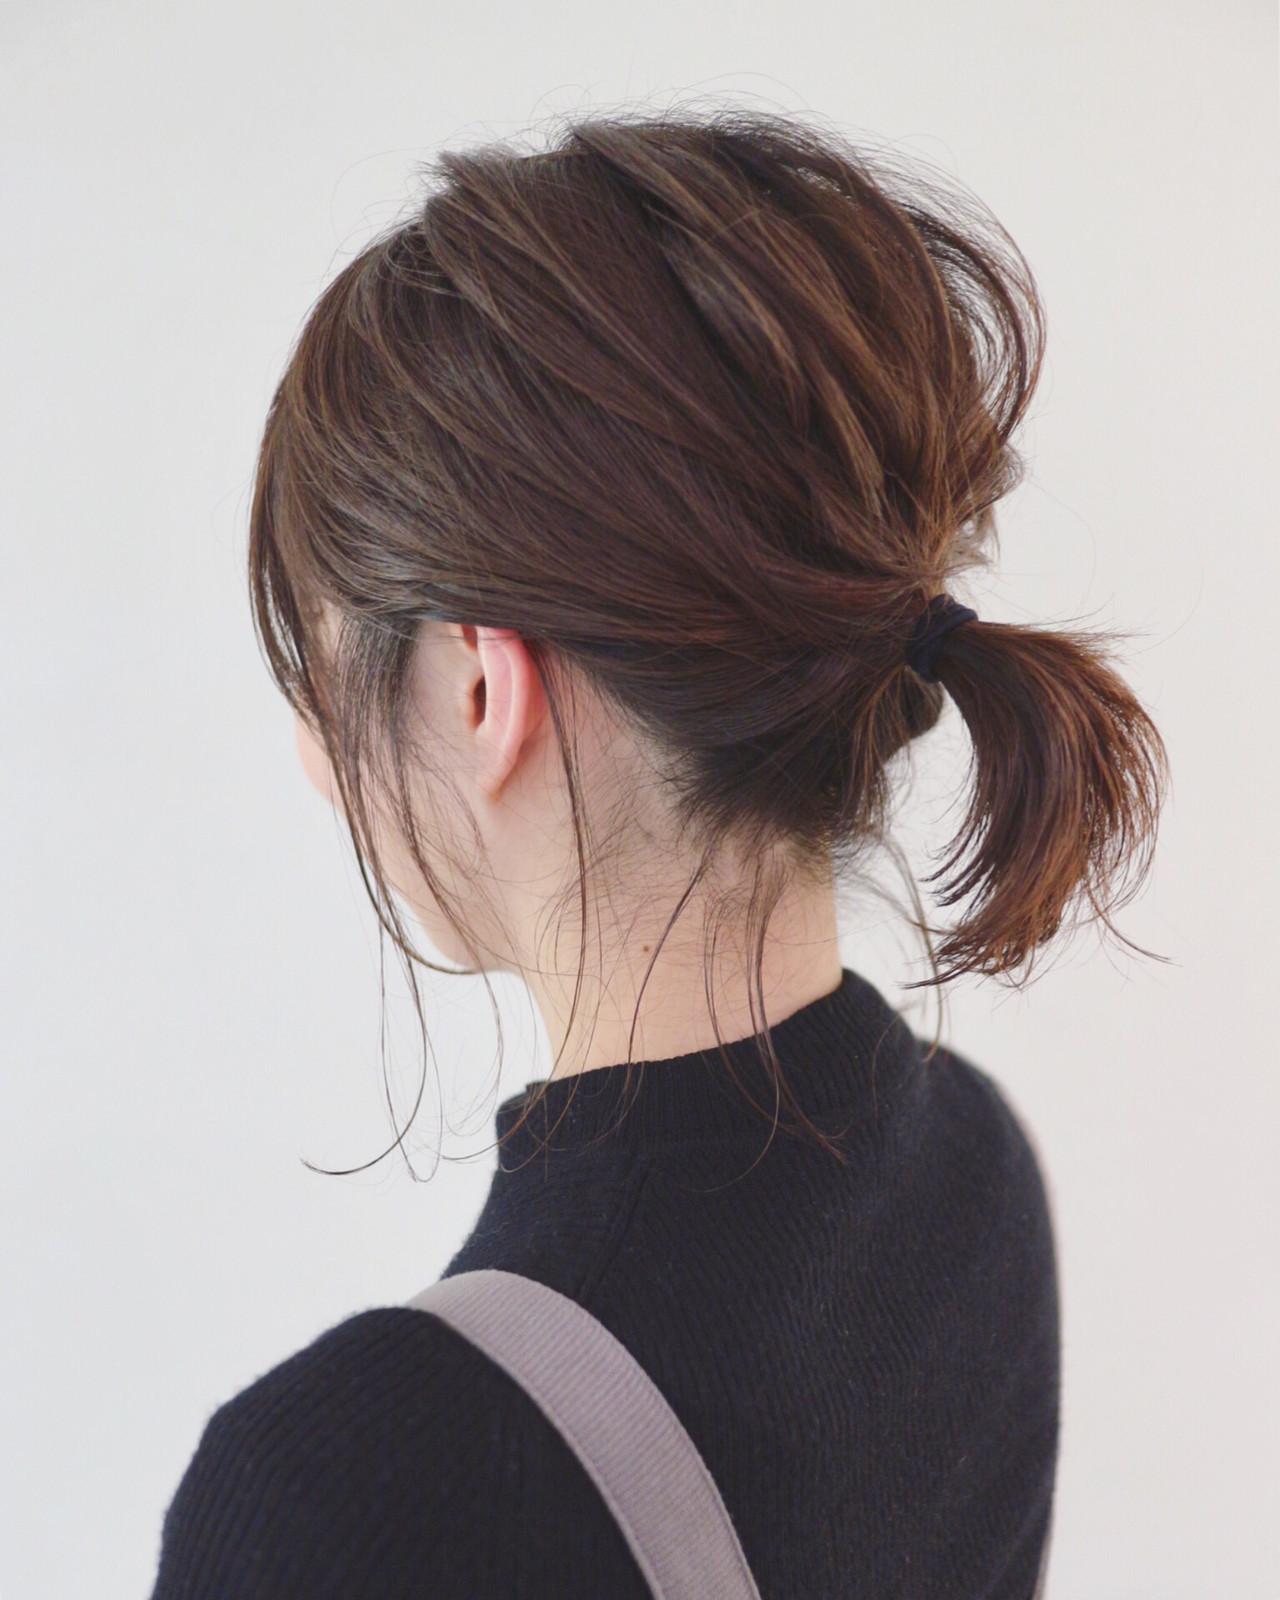 ヘアアレンジ ボブアレンジ ナチュラル 簡単ヘアアレンジ ヘアスタイルや髪型の写真・画像 | 三好 佳奈美 / Baco.(バコ)